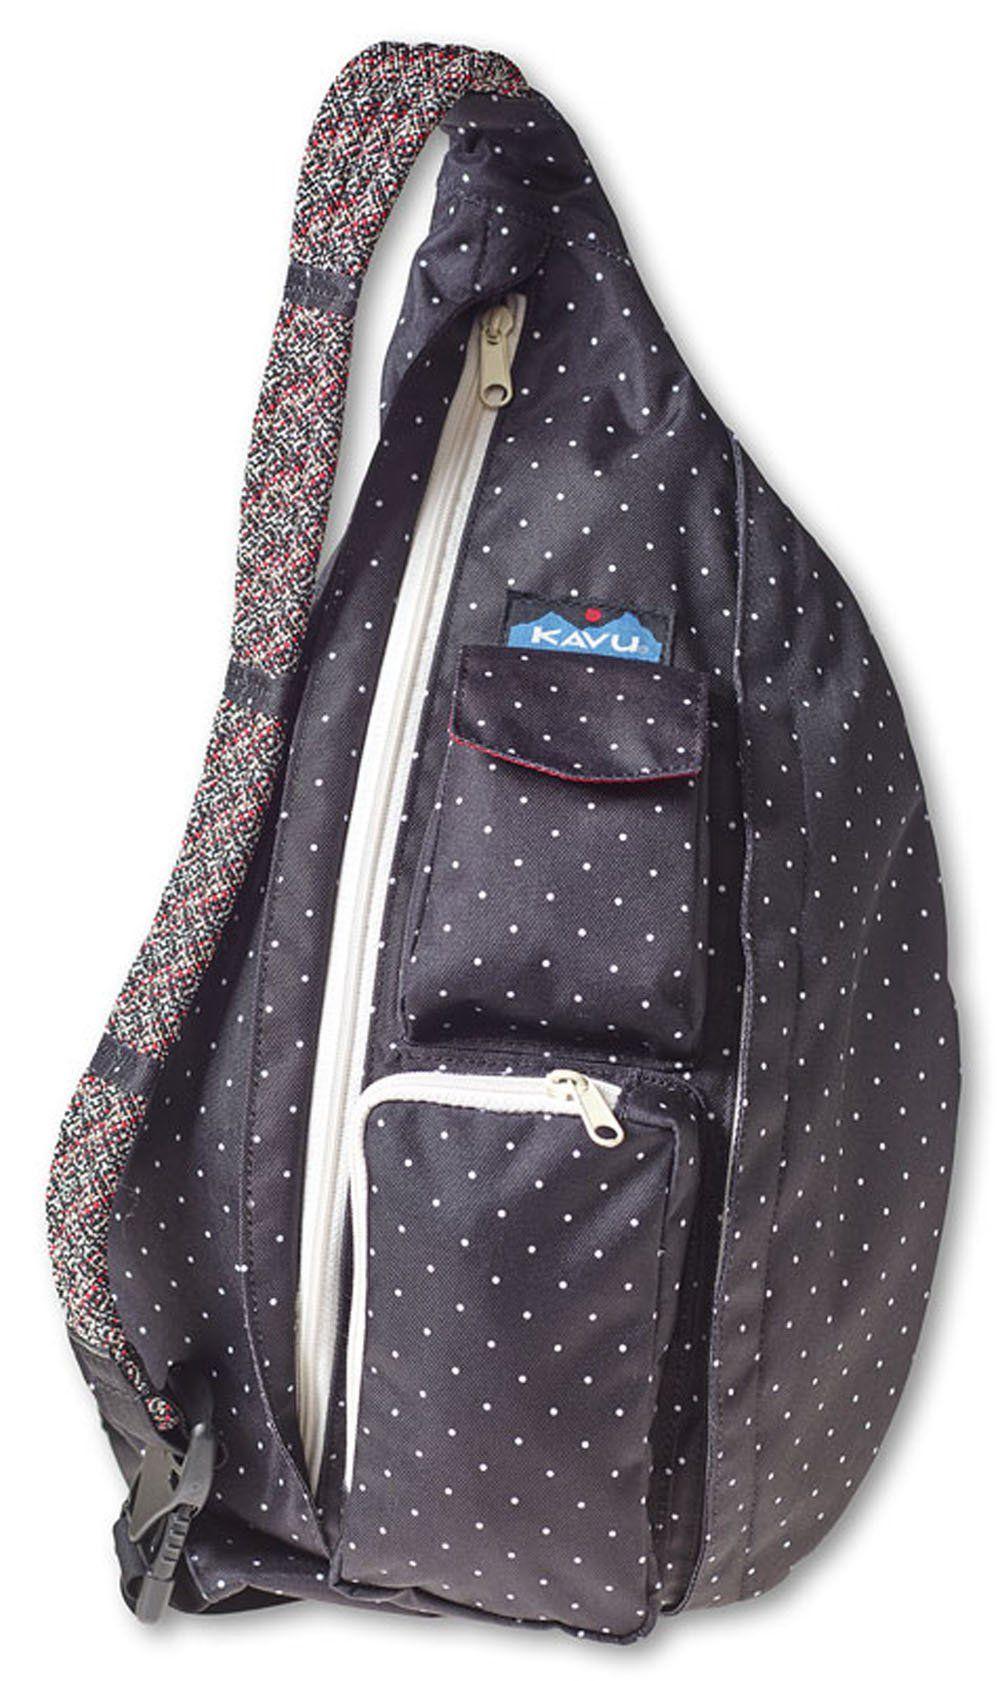 KAVU Rope Sling Bag, BW Dots, One Size Kavu